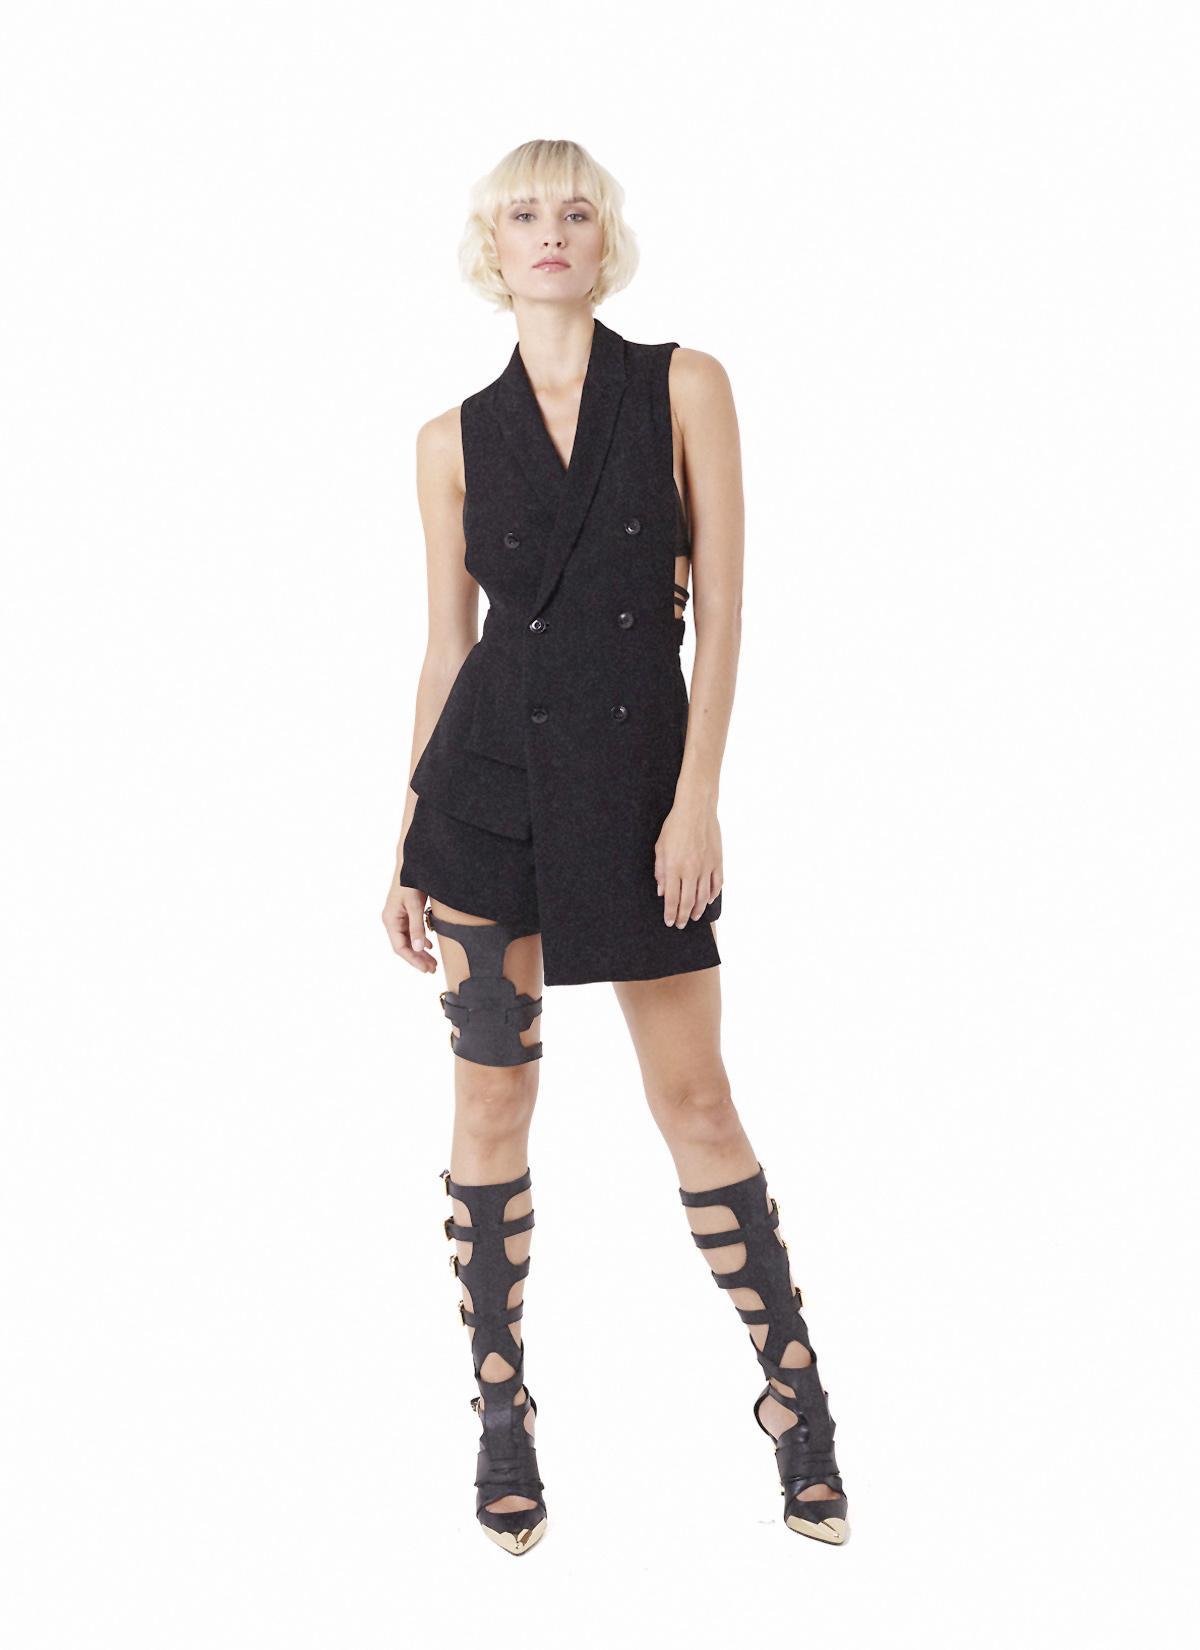 Andesine vest, Syenne shorts & Spar Legpiece